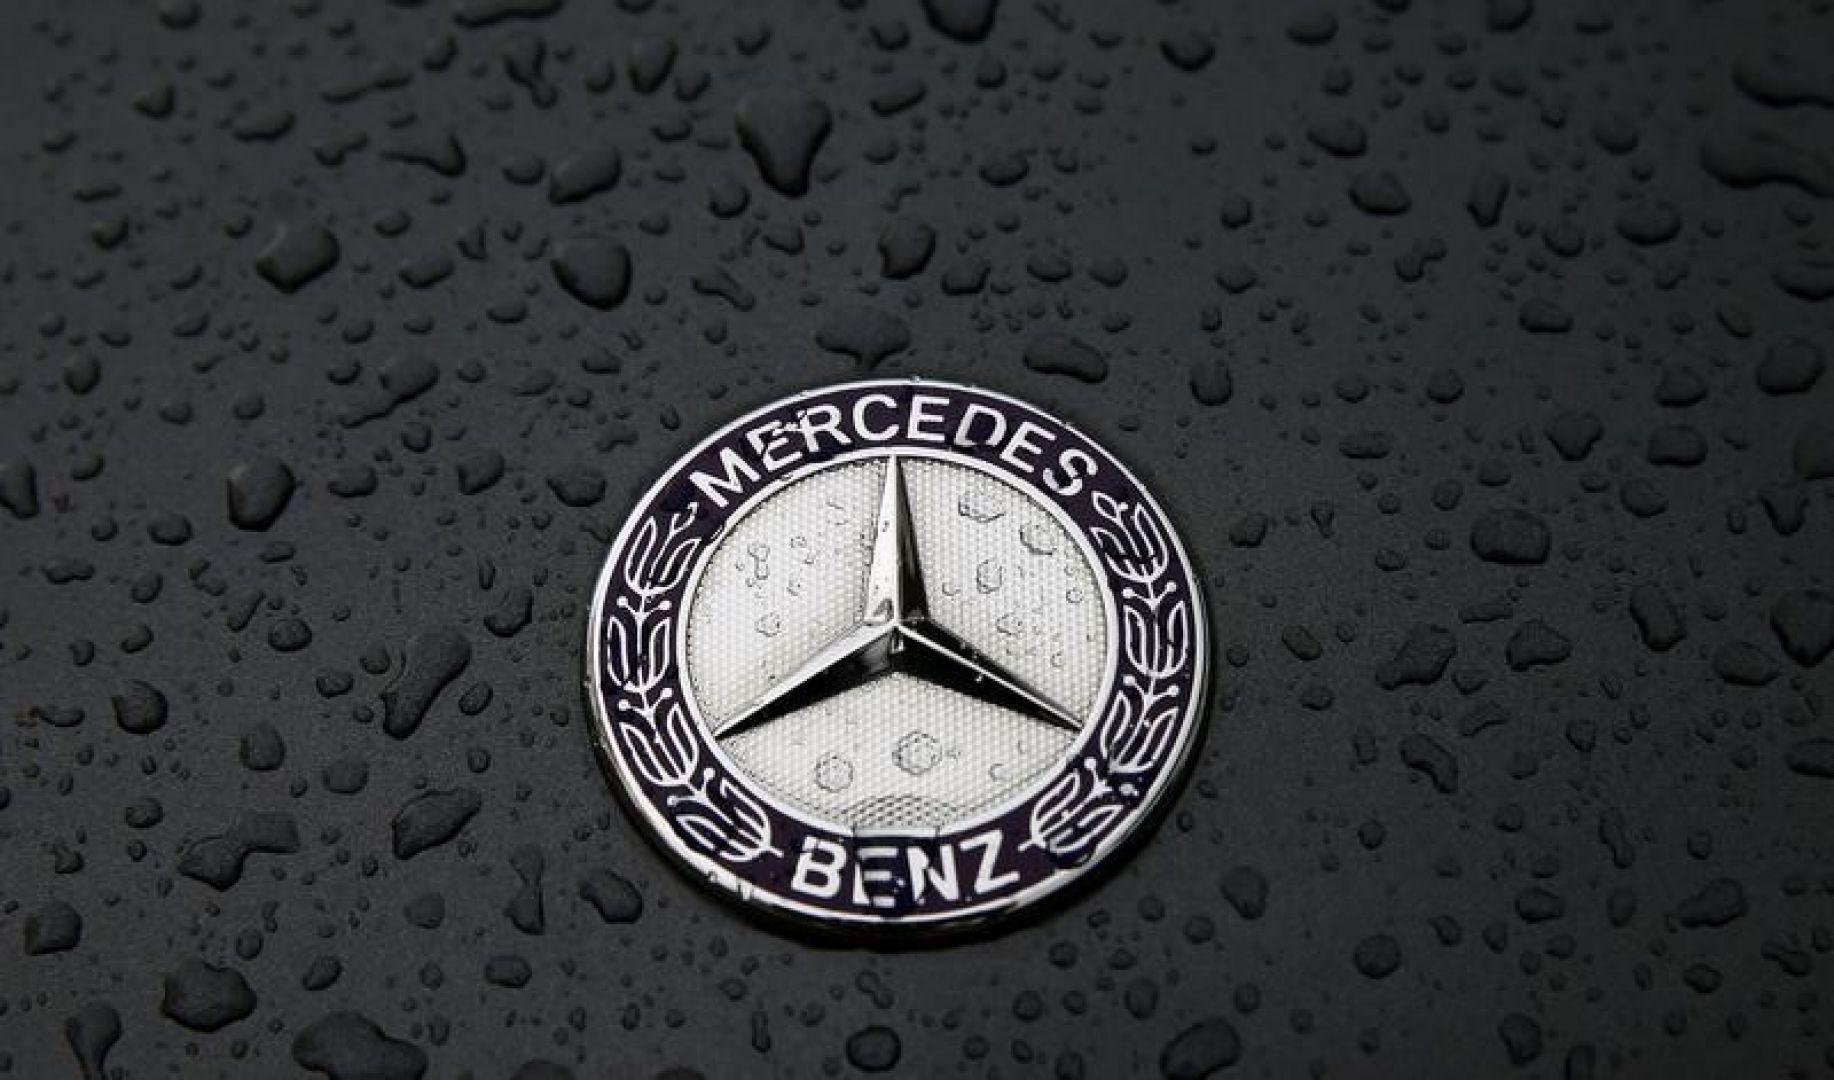 Mercedes više neće prodavati dizel automobile u SAD